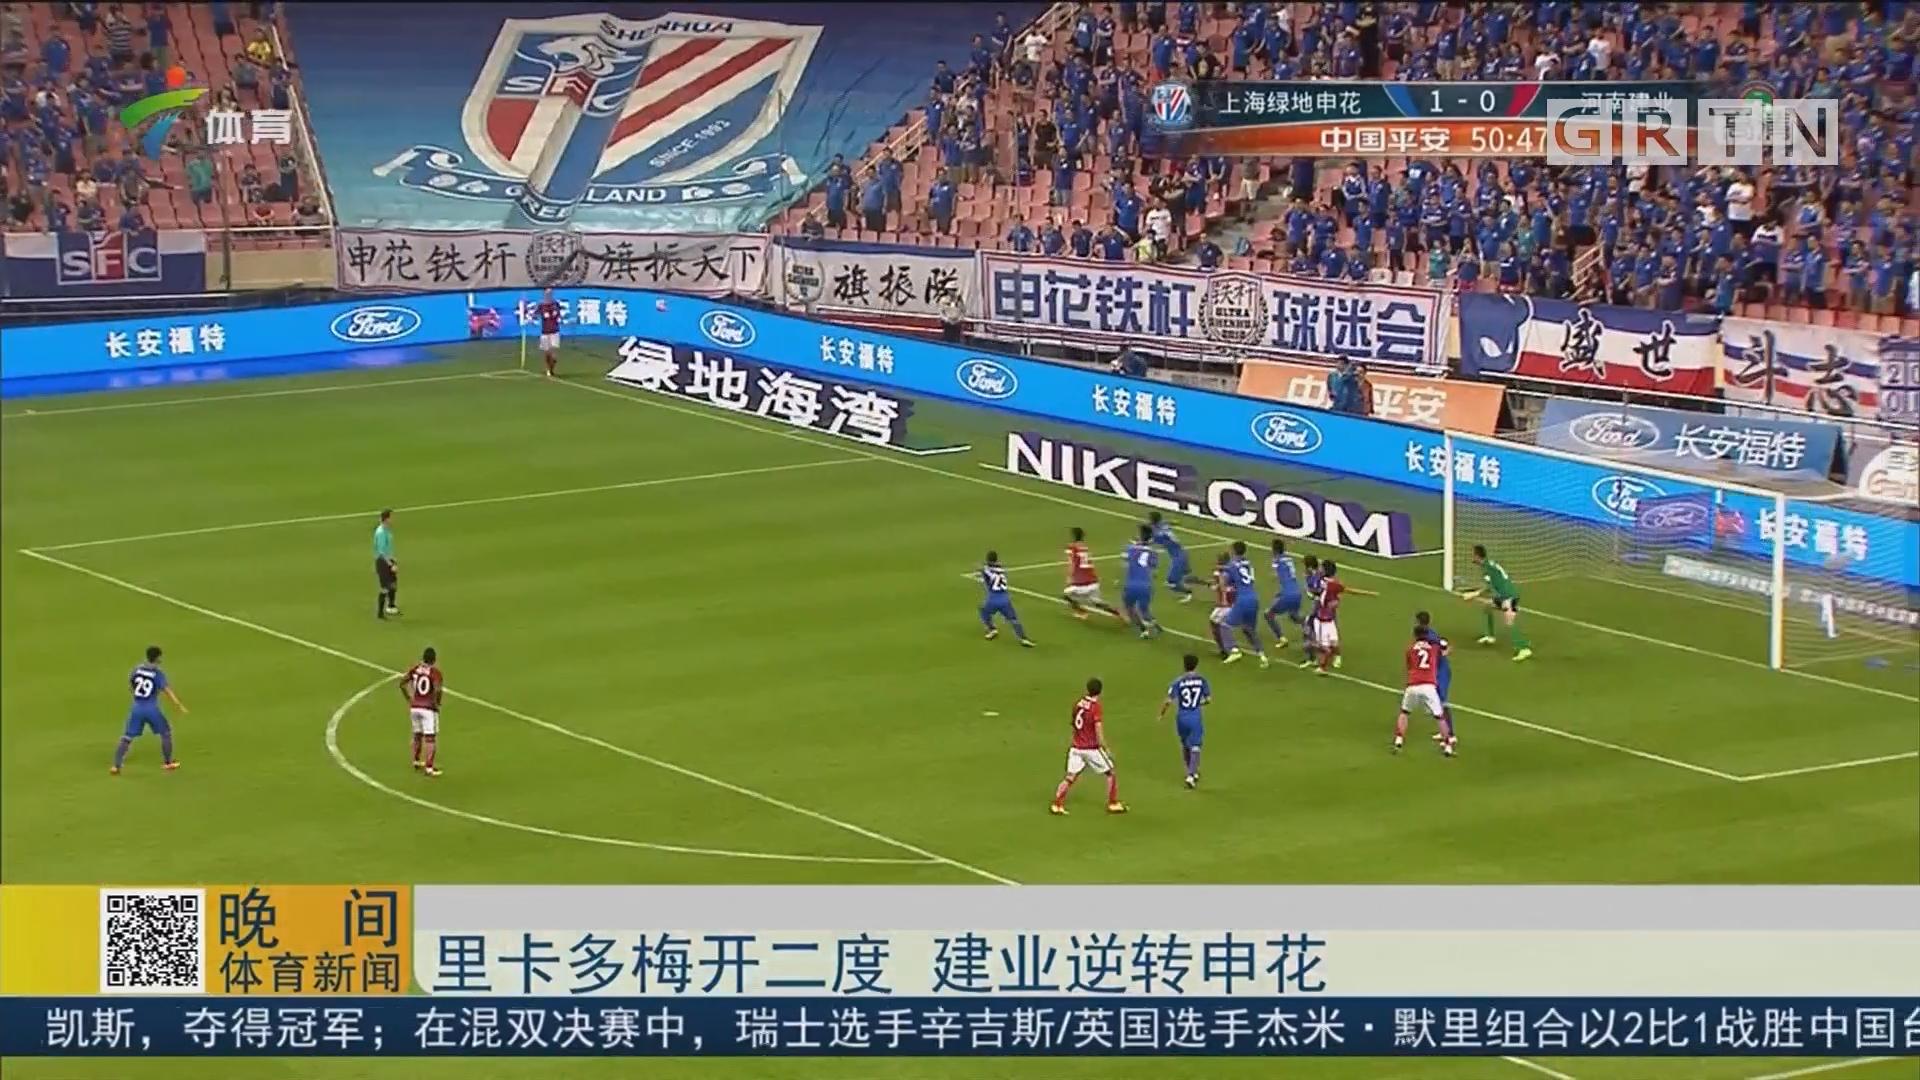 上海申花1—2河南建业:里卡多梅开二度 建业逆转申花